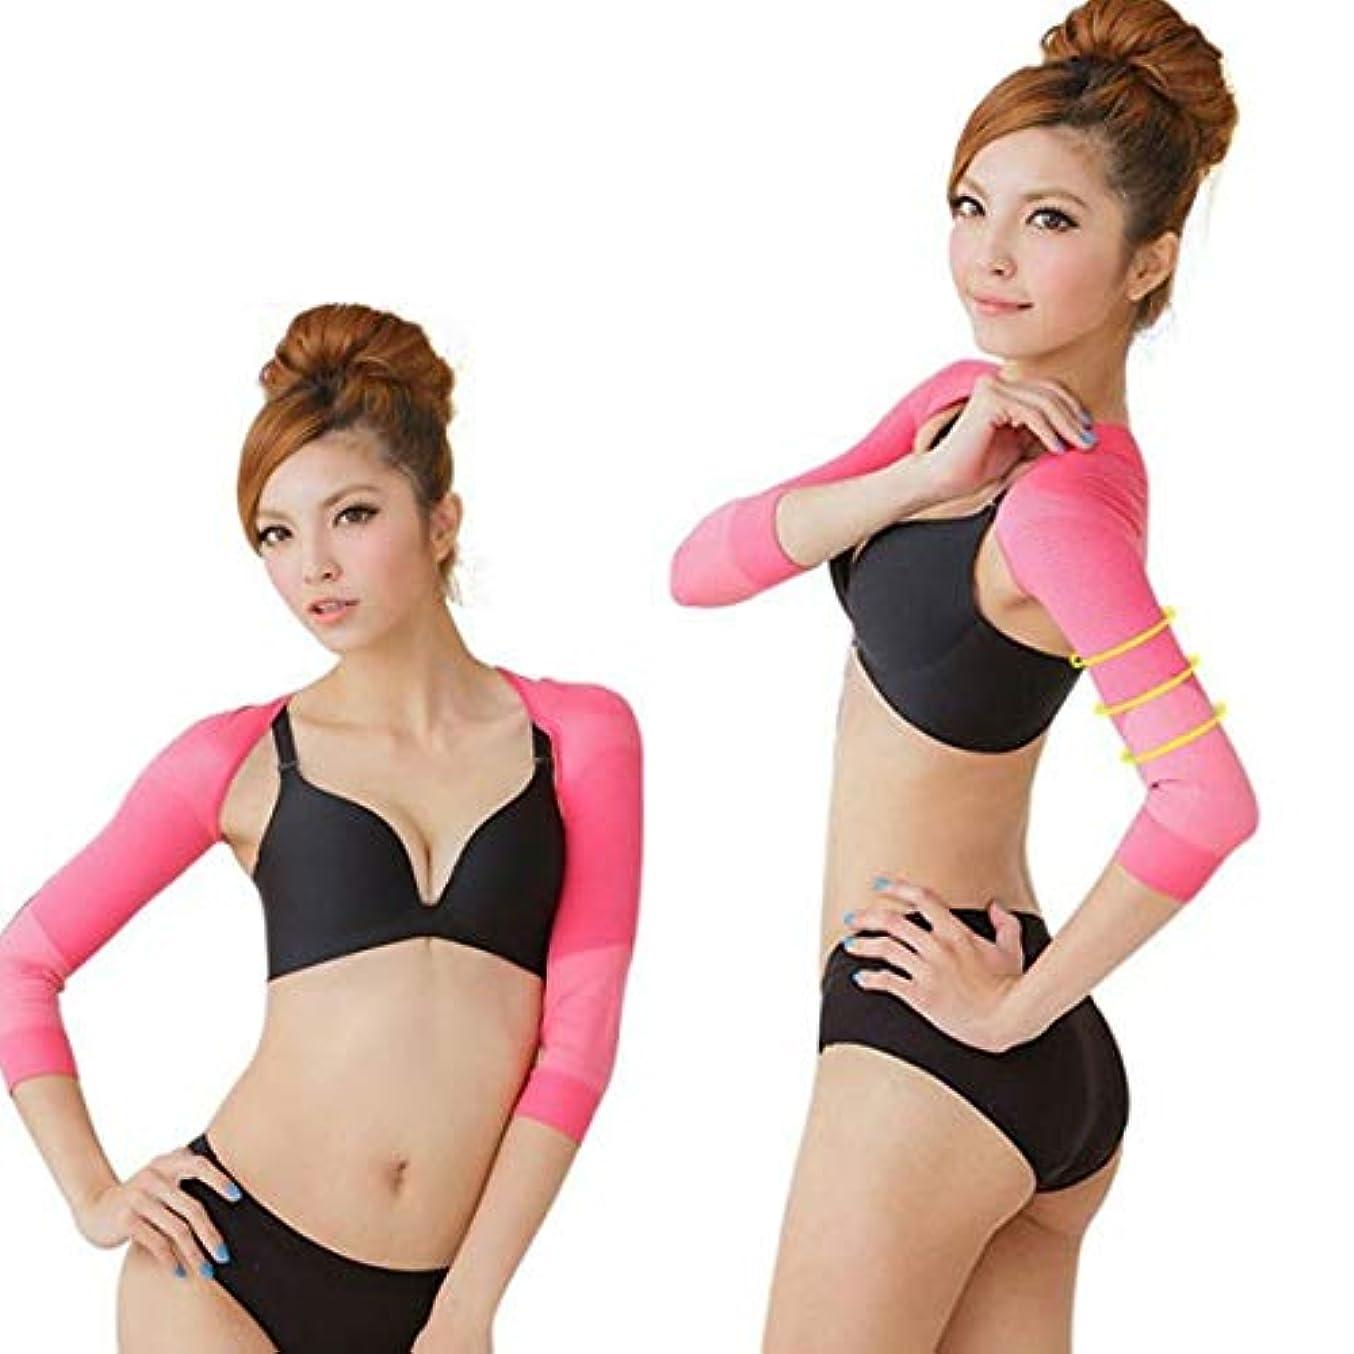 ホイスト死ぬ競う二の腕シェイパー【LUCIDA】着圧アームサポター 加圧アームポーター 加圧インナーアーム 姿勢矯正 二の腕ダイエット (XL, ピンク)